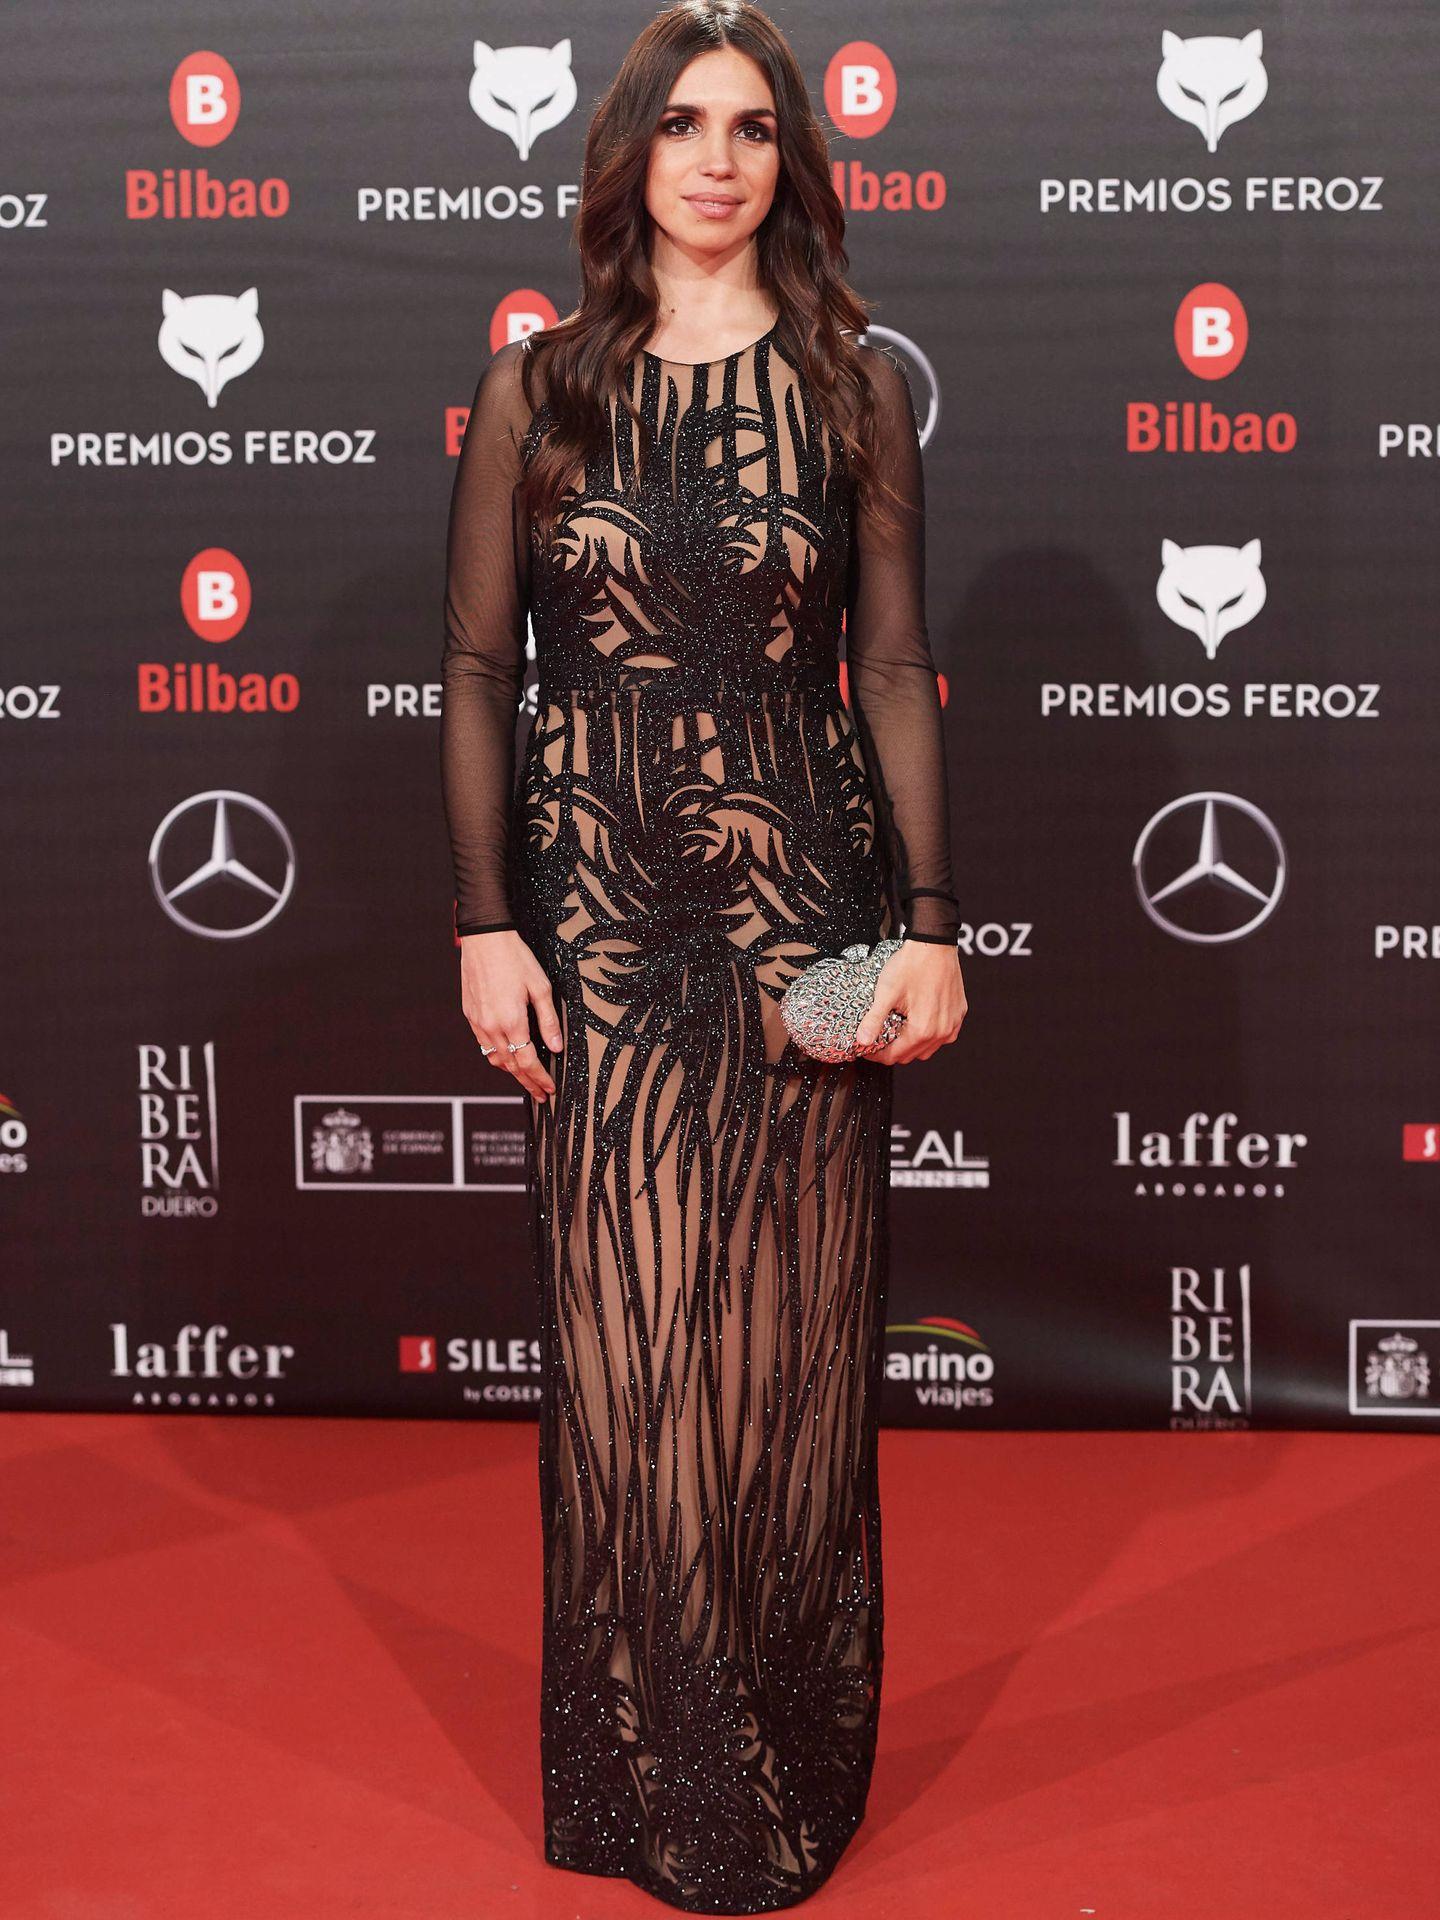 Elena Furiase, en los Feroz. (Limited Pictures)